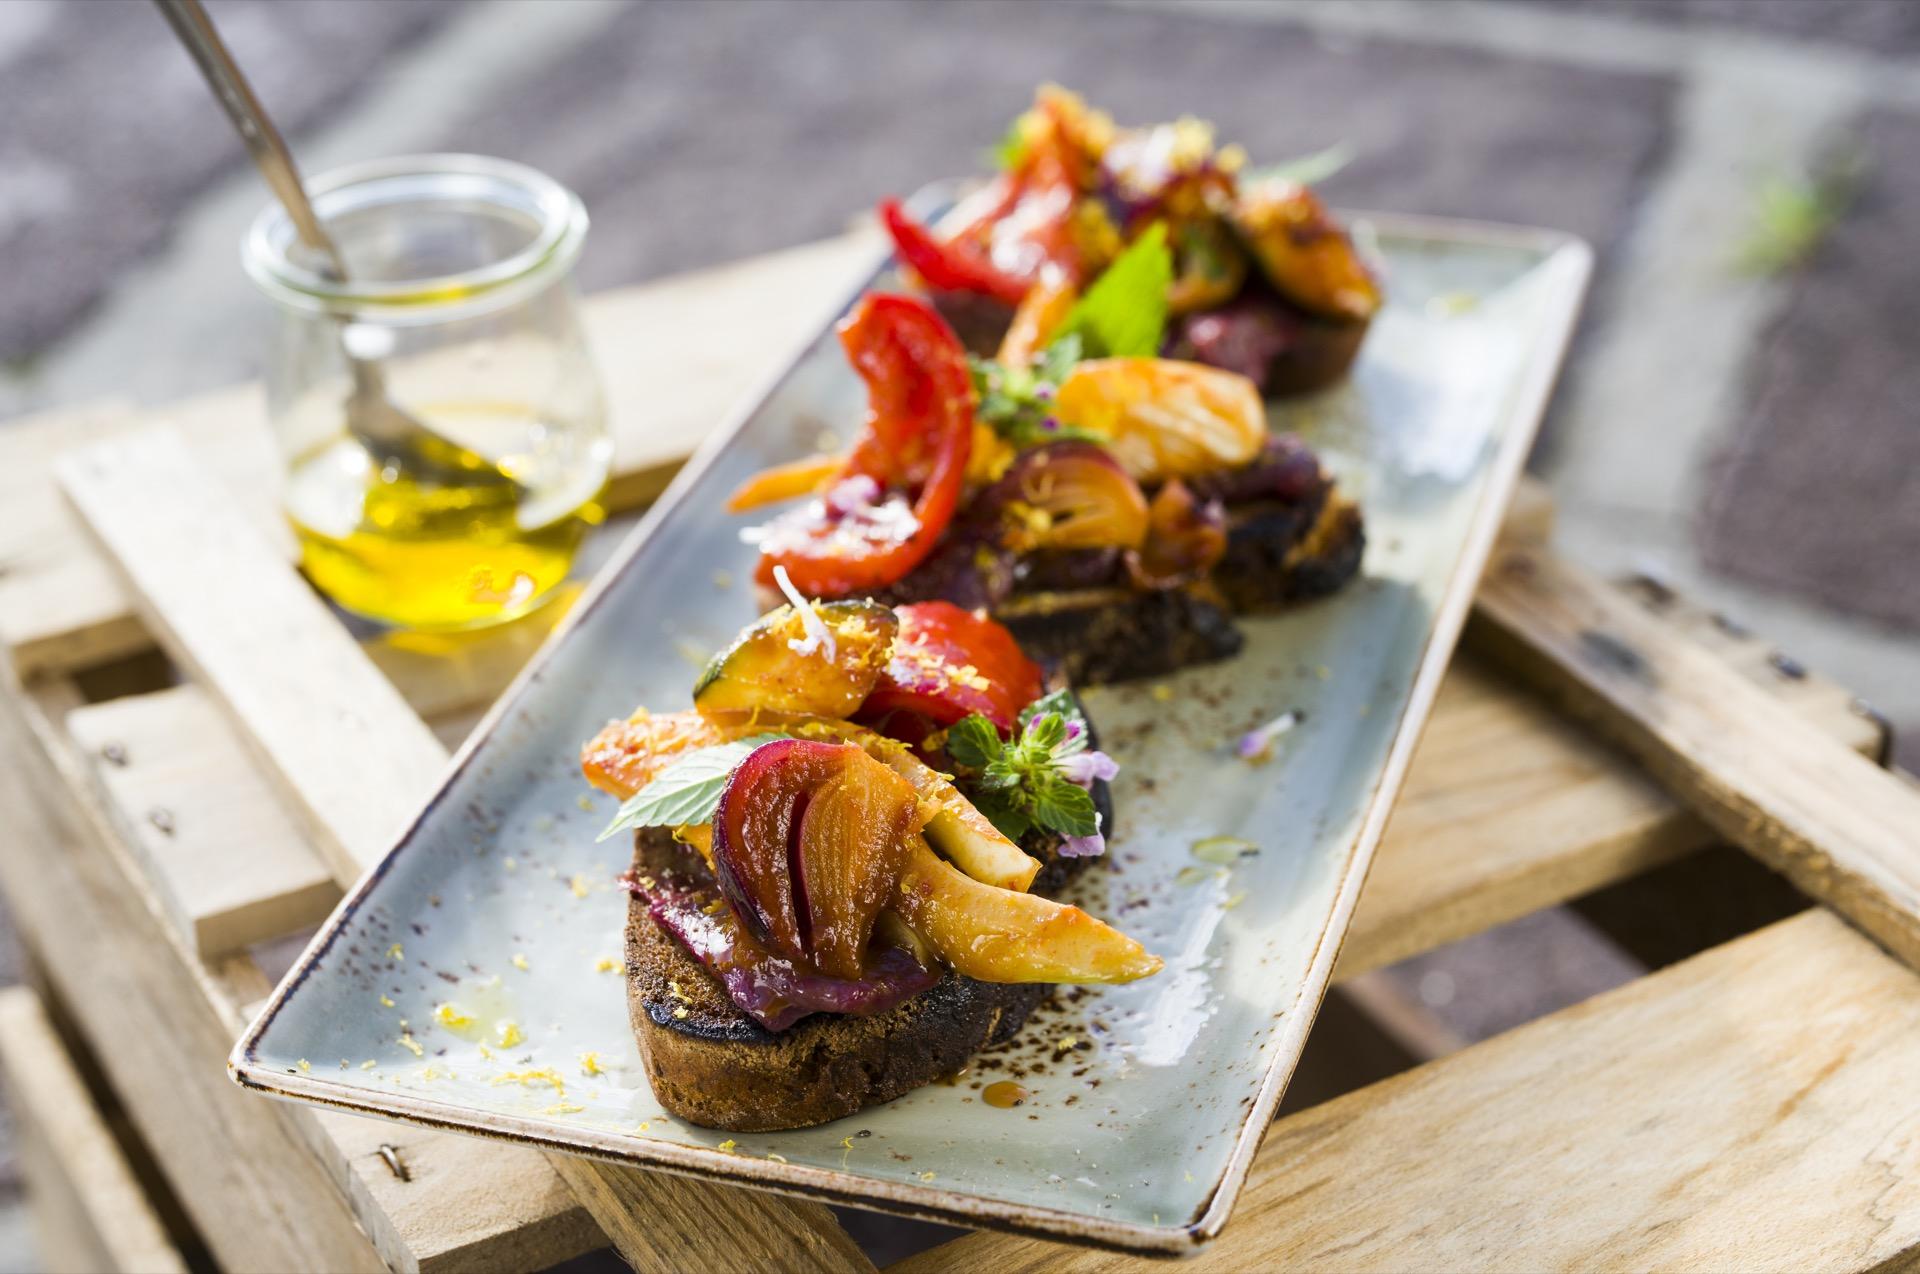 Macht wirklich satt – die rustikale Röststulle mit Grillgemüse und Wildfleisch ©Oliver Hardtjaegermagazin jagd campers kitchen kochen köche